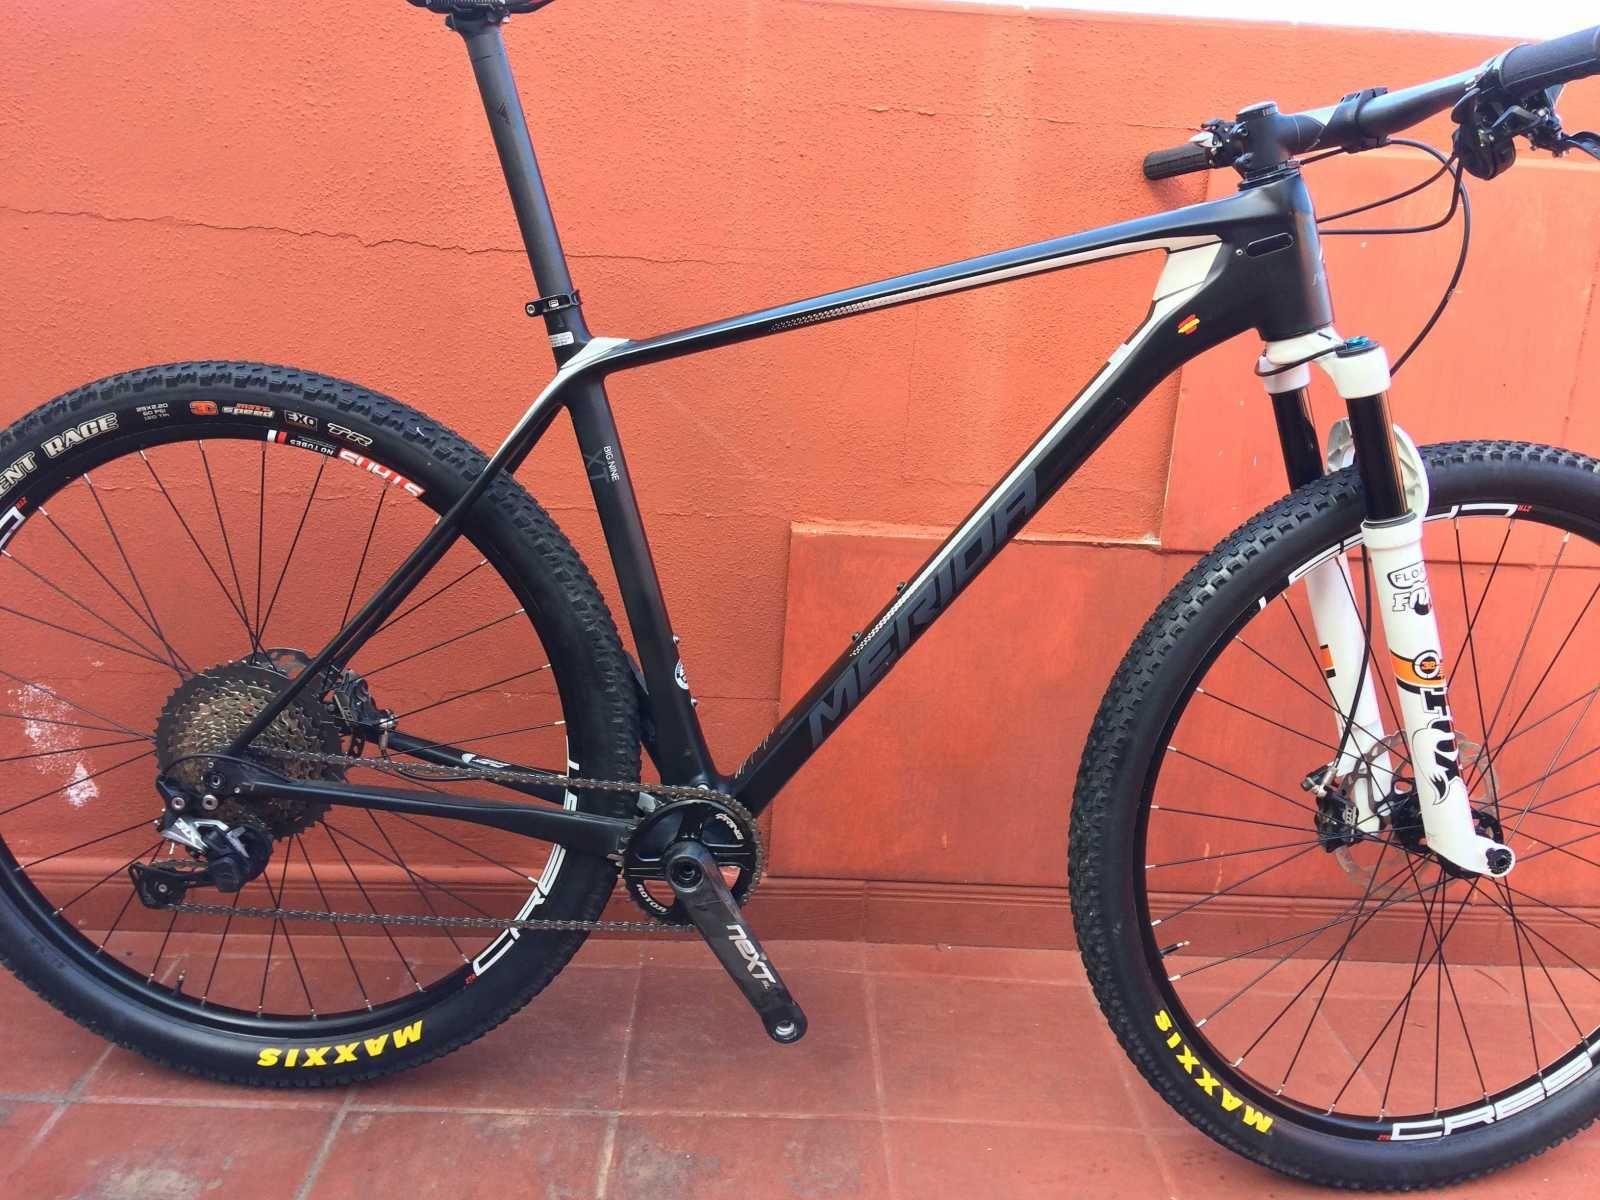 Bicicleta De Montaña Merida Big Nine Ref 42564 Talla 21 Año 2018 Cambio Shimano Slx Cuadro De Carbono Suspens Bicicletas Bicicletas Mtb Cambios Shimano